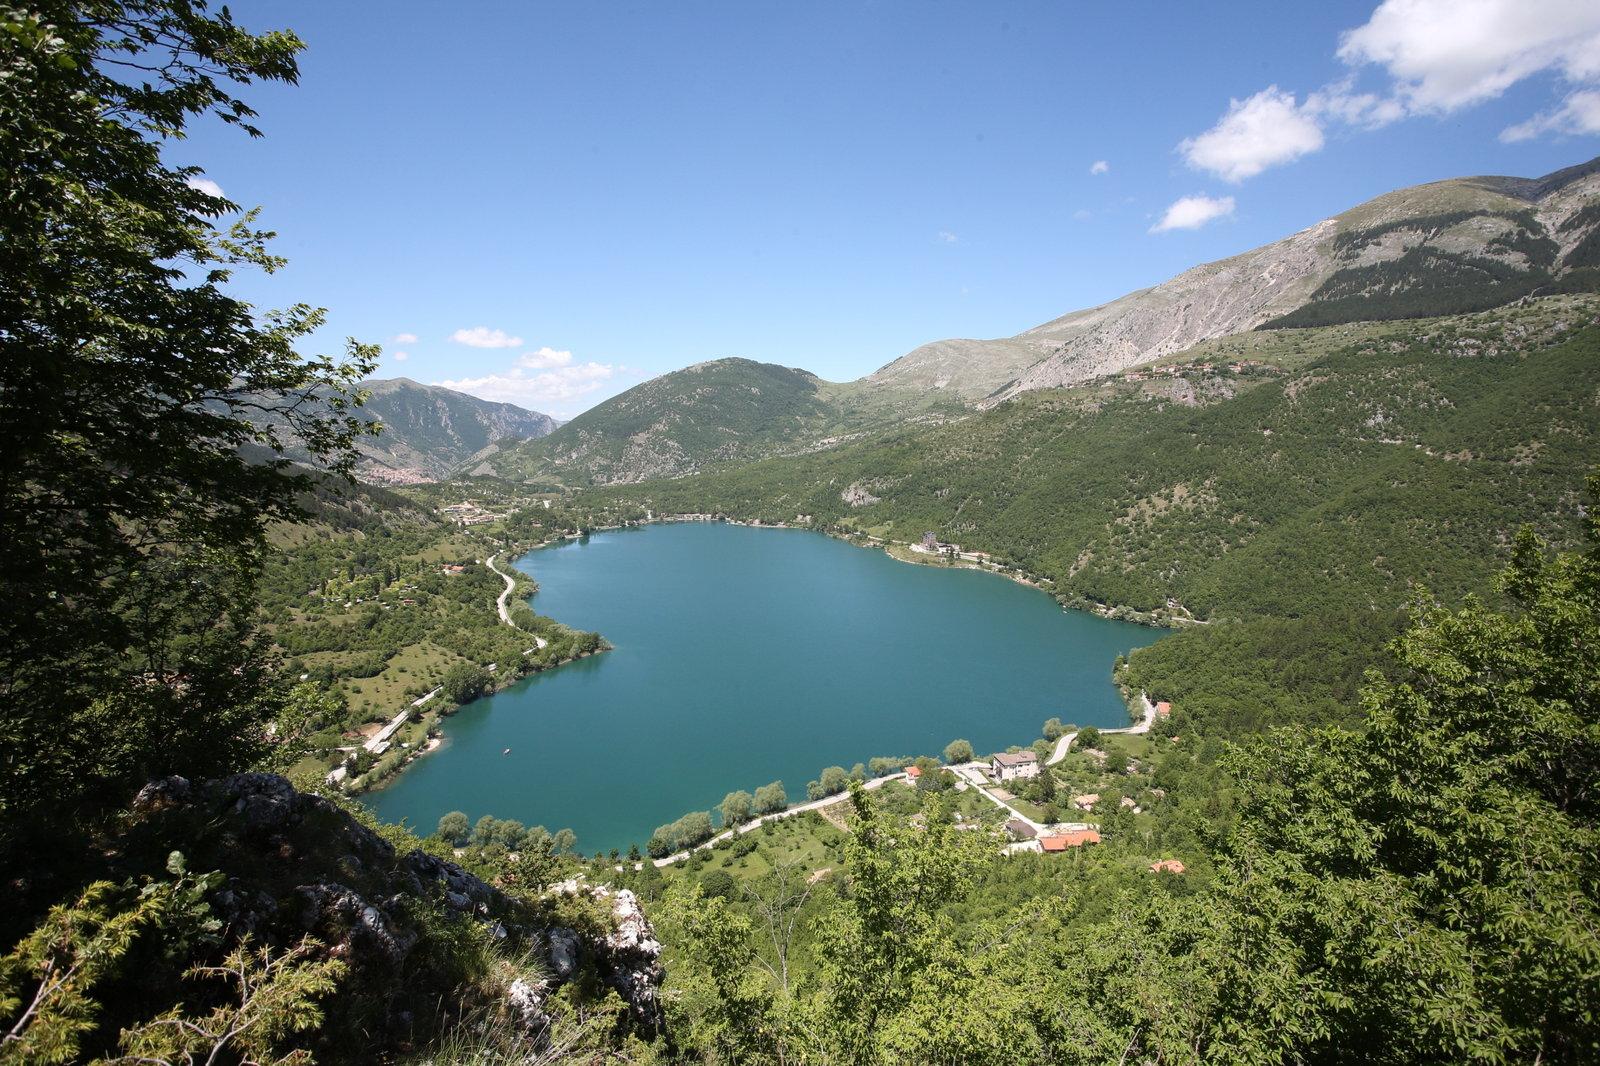 Lago de Scanno